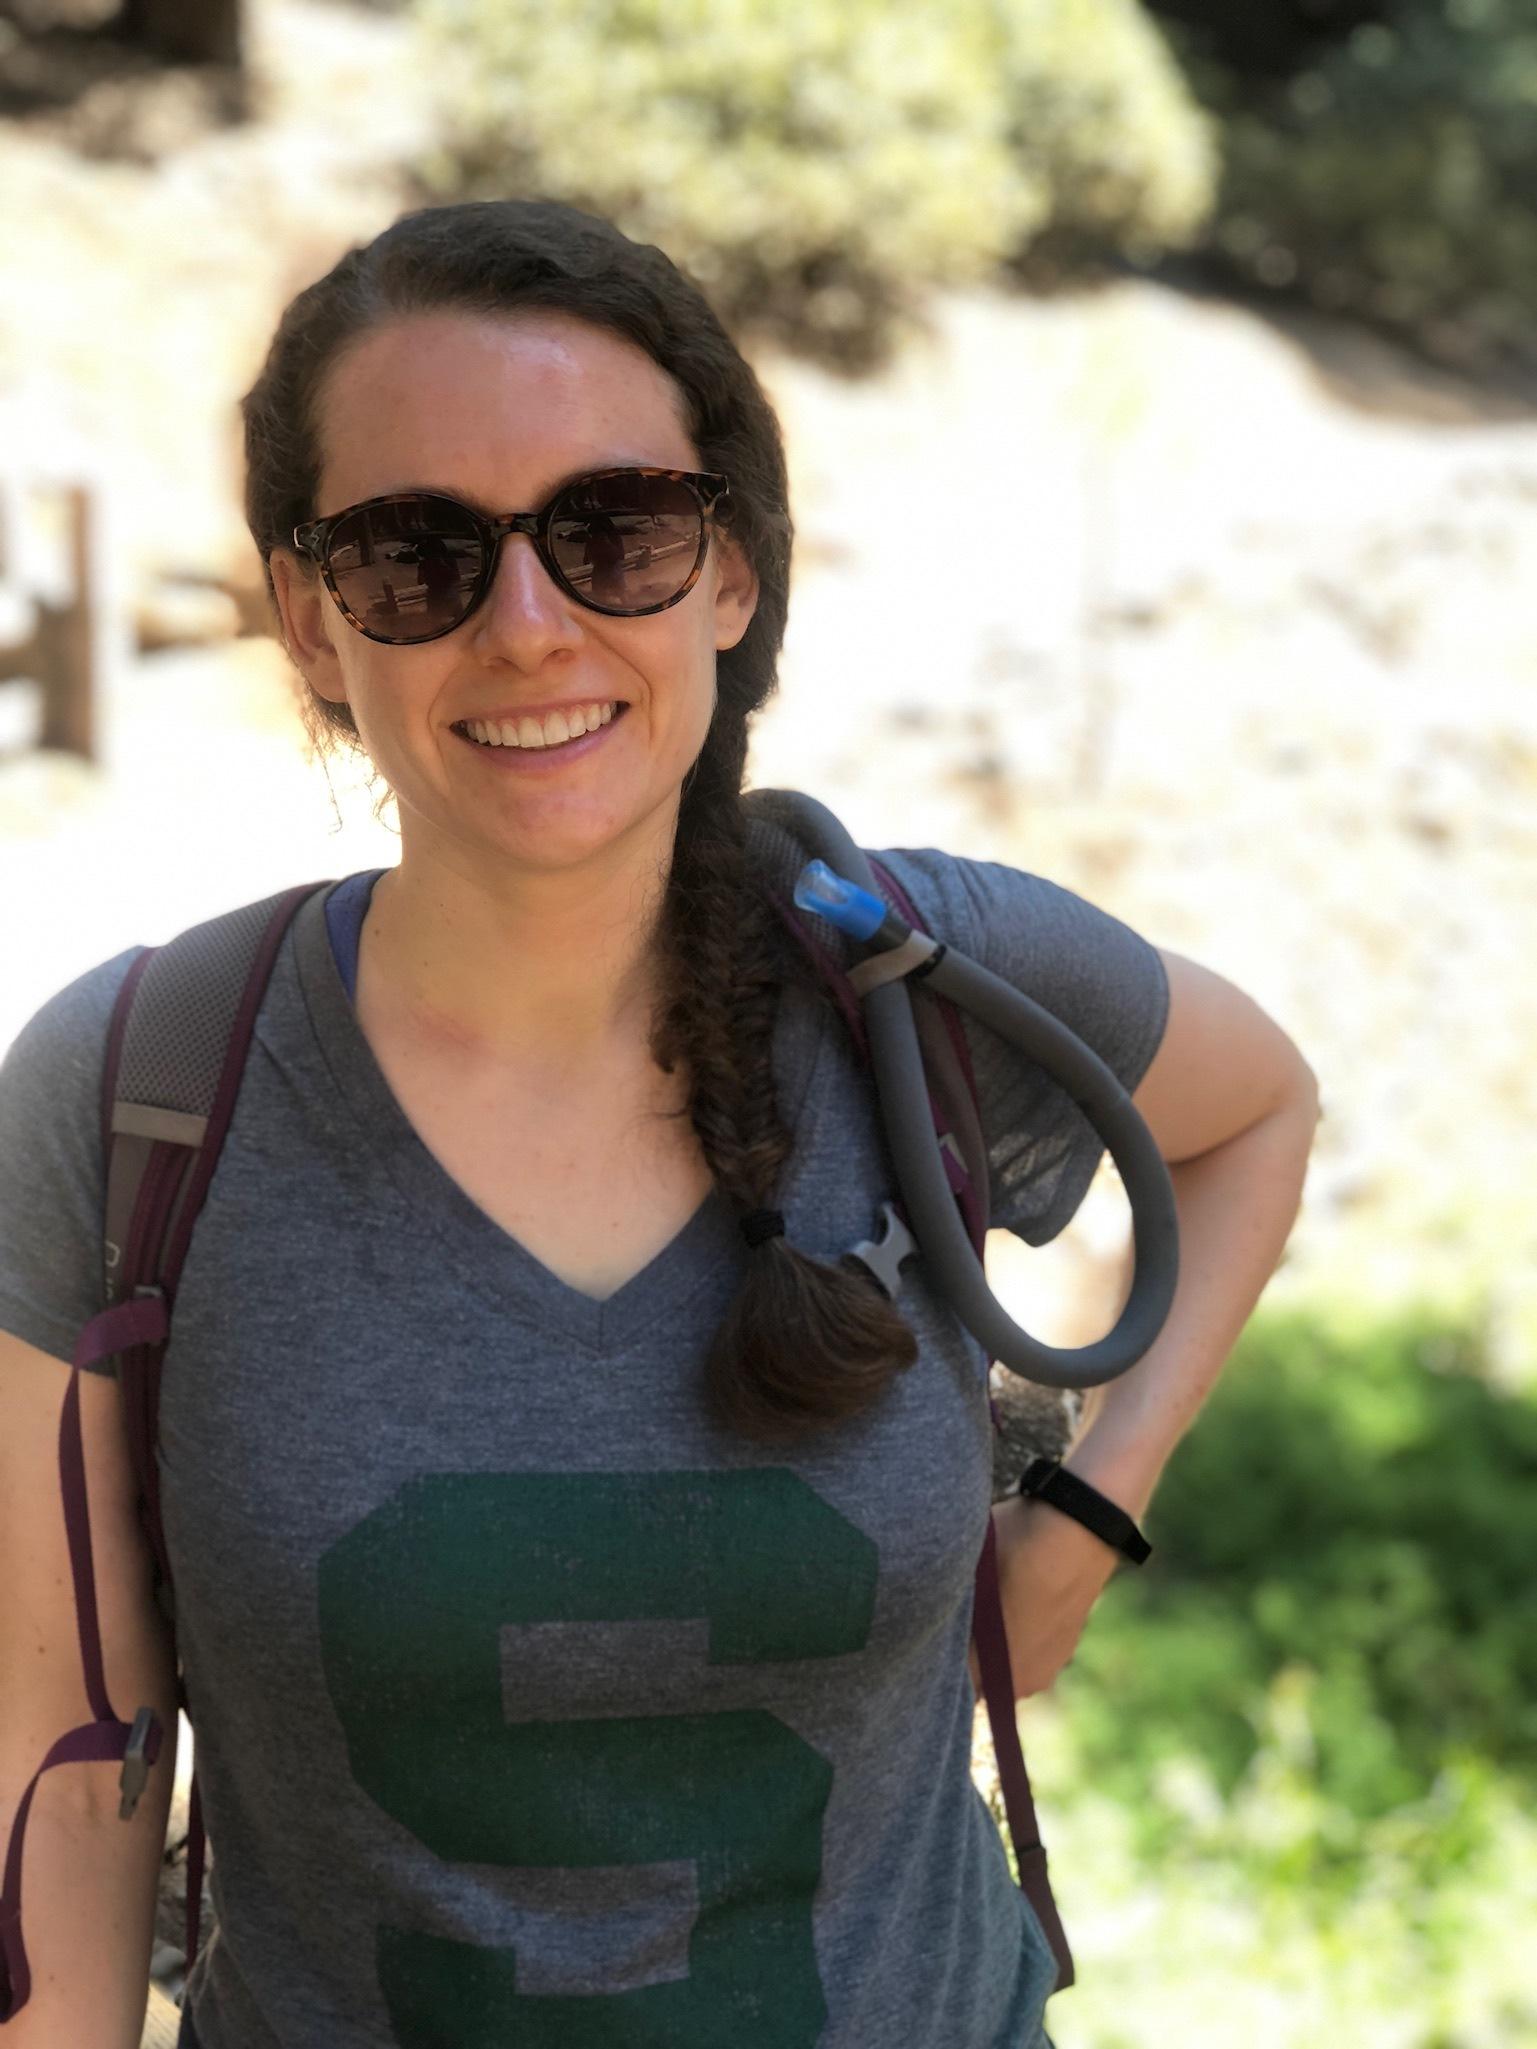 Kristen Seidel on a hike